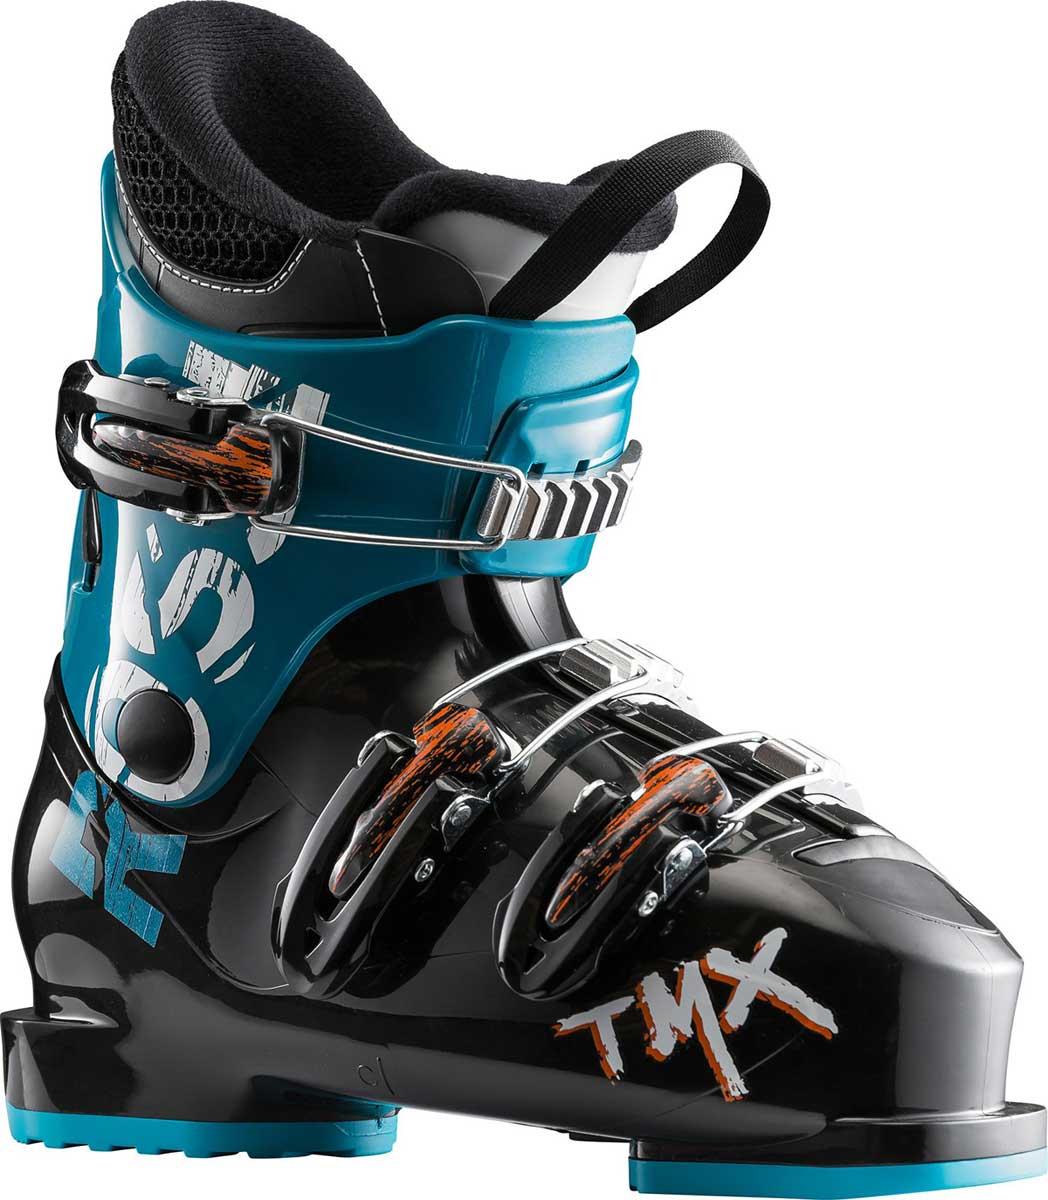 【10月10日限定!Wエントリーでポイント15倍】ROSSIGNOL(ロシニョール) RBH5110 TMX J3 スキーブーツ ジュニア 子供用【SALE】